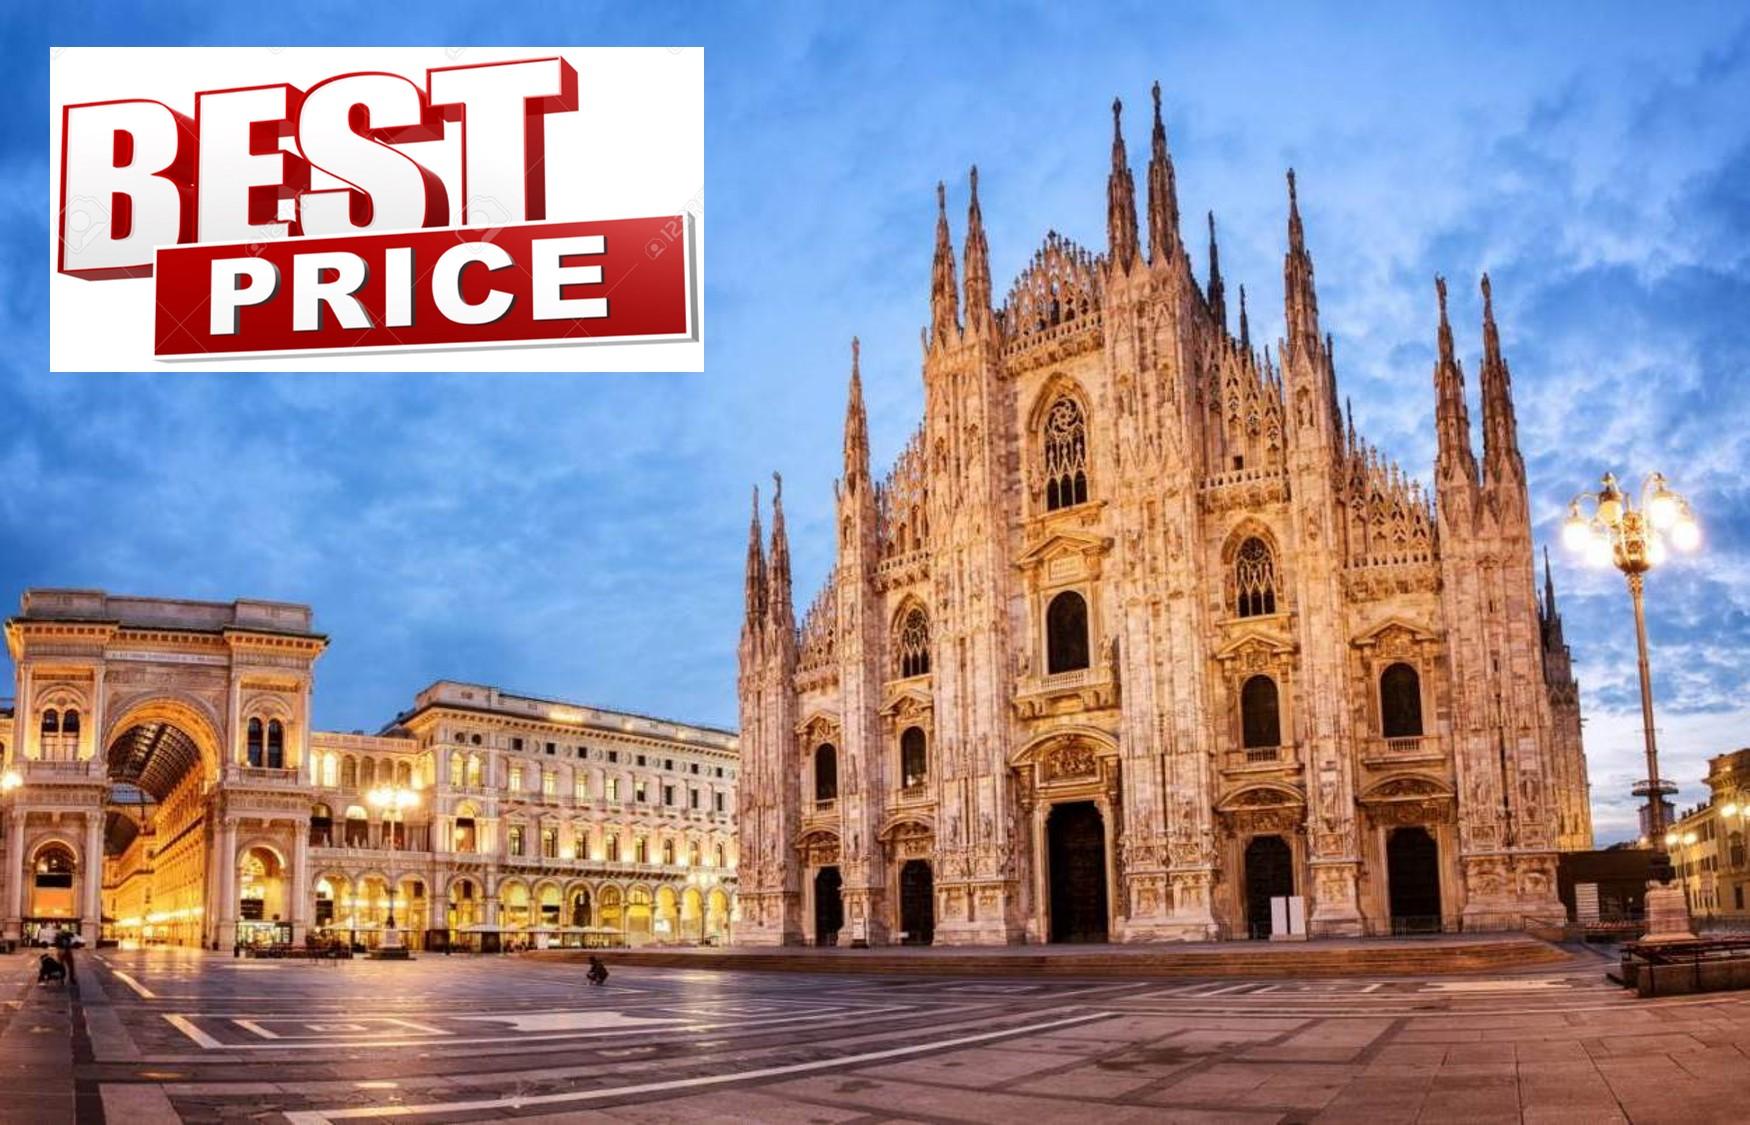 ΜΙΛΑΝΟ στην καλύτερη τιμή της αγοράς! Από 174€ για 4 μέρες με Αεροπορικά, Κεντρικό Ξενοδοχείο & Φόρους πληρωμένους